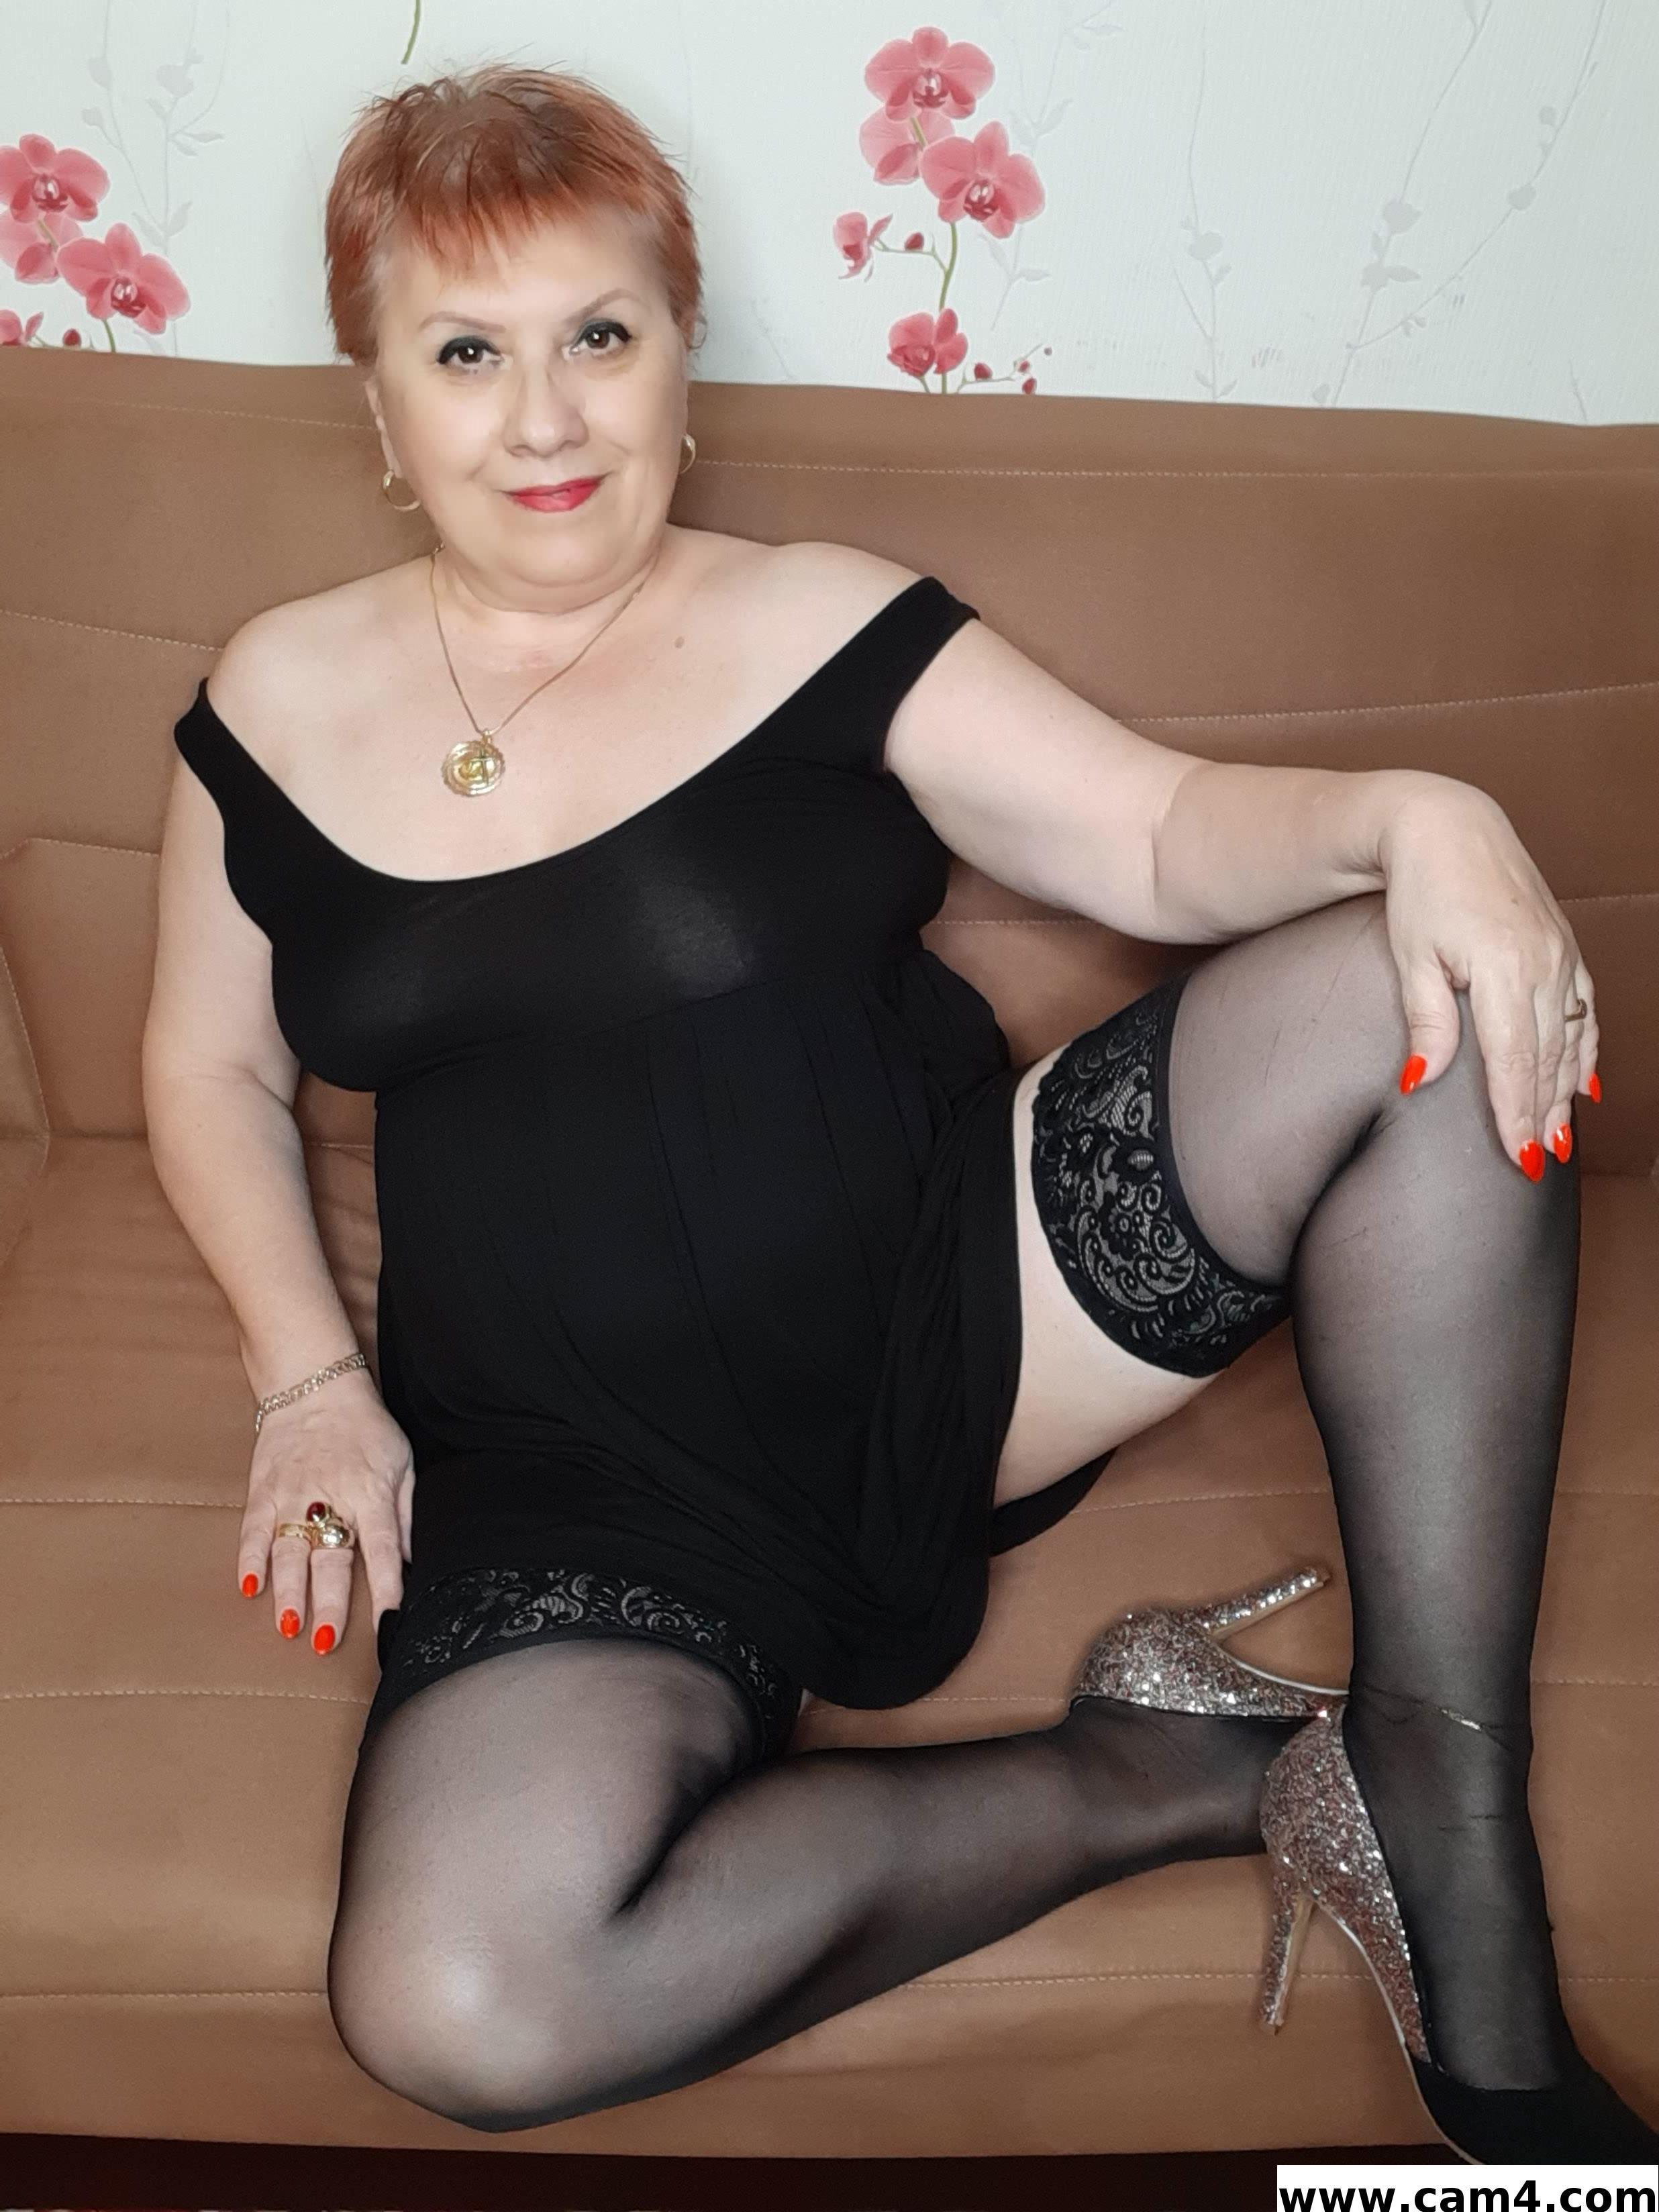 Sexylynette?s=rfkoipzickif6tel4gmtwws6odk63btltqc6hwmyb9a=